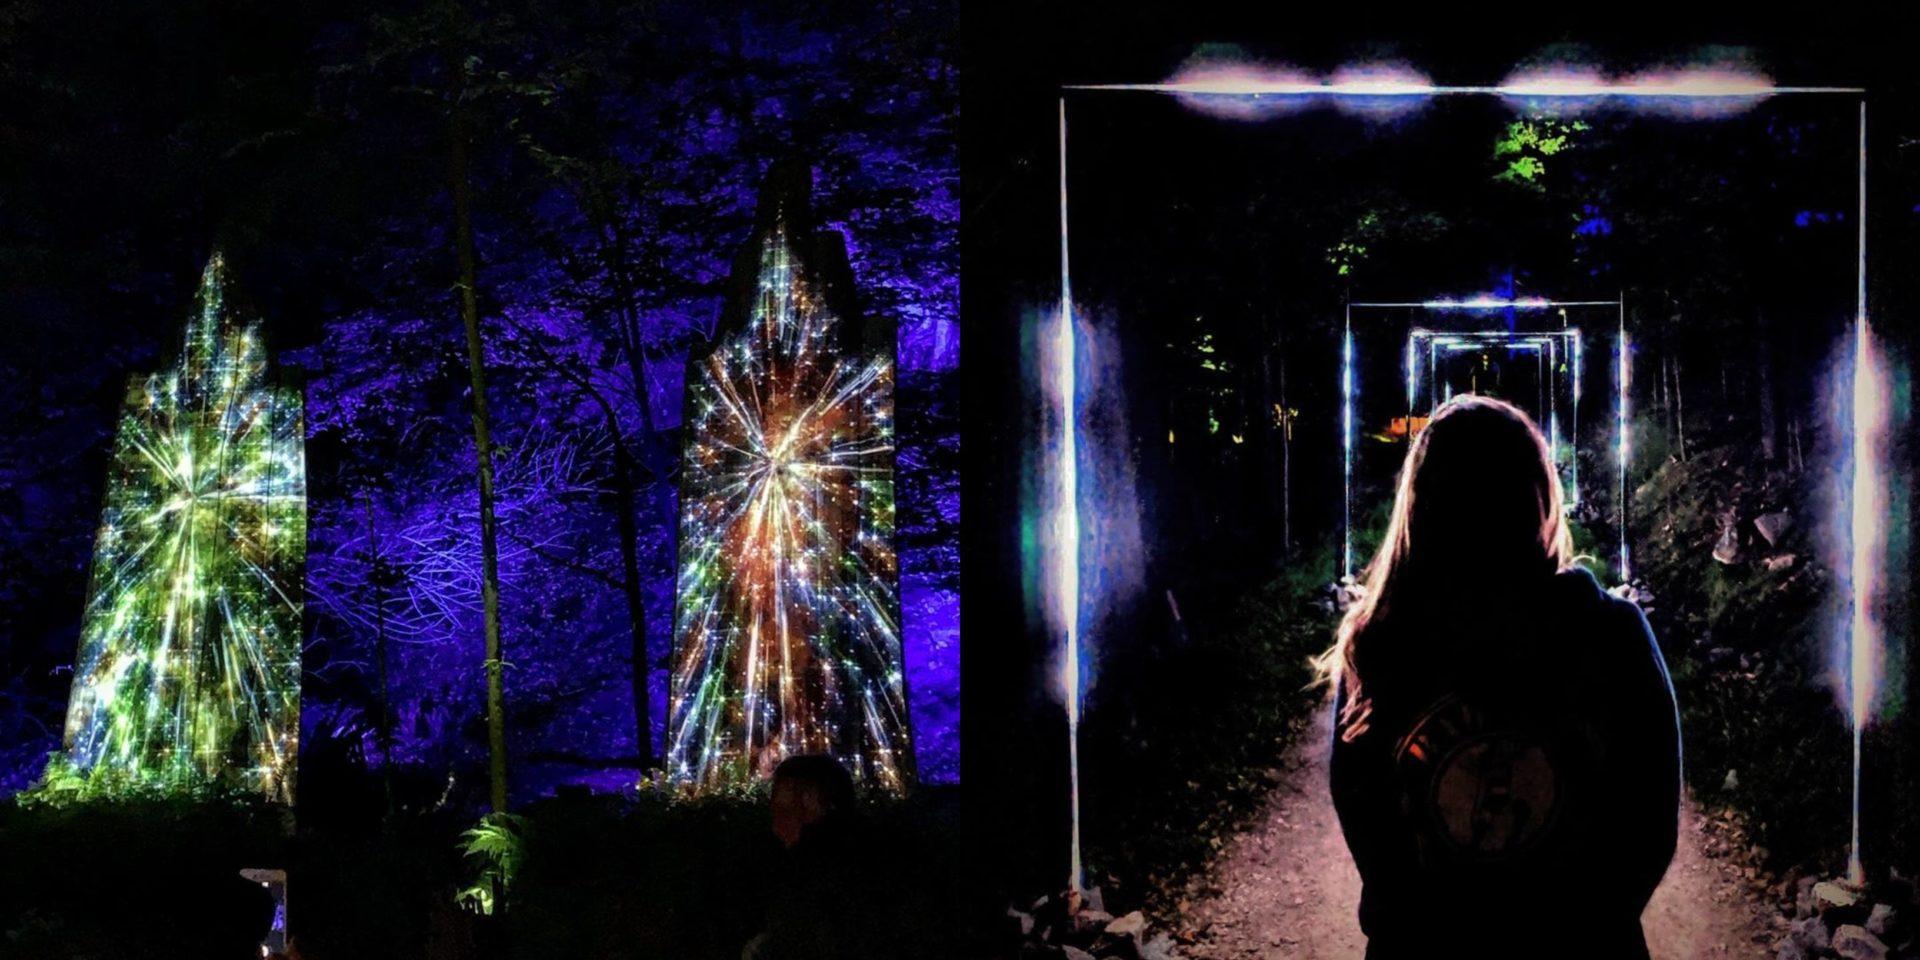 Ce parcours lumineux en forêt situé à 1h30 de Montréal est parfait pour vos prochaines soirées d'automne!